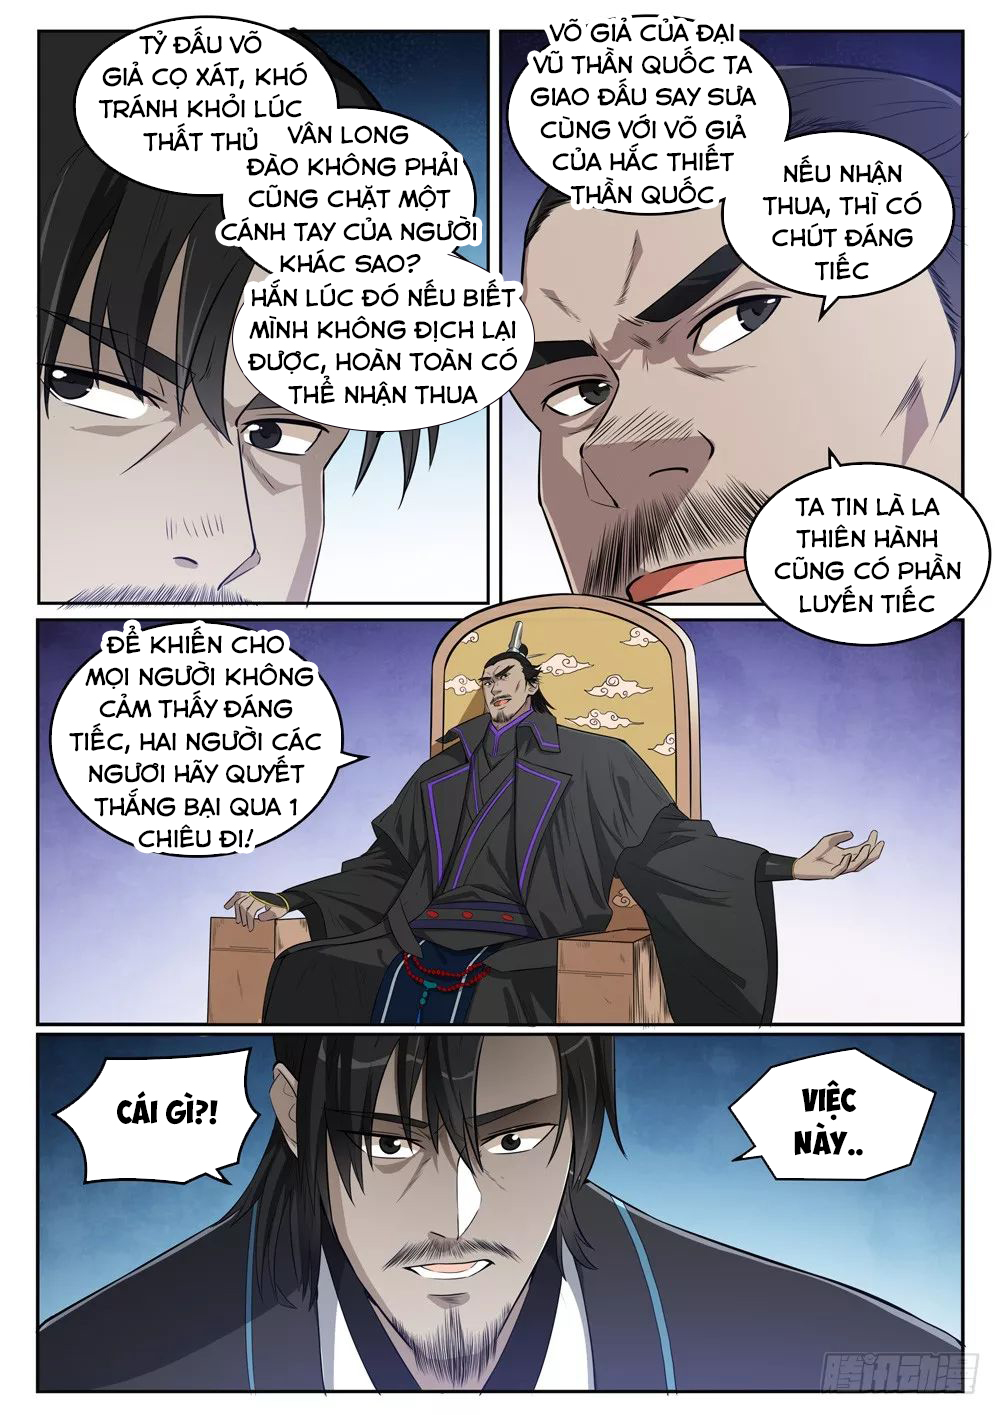 Bách Luyện Thành Thần chap 393 - Trang 10